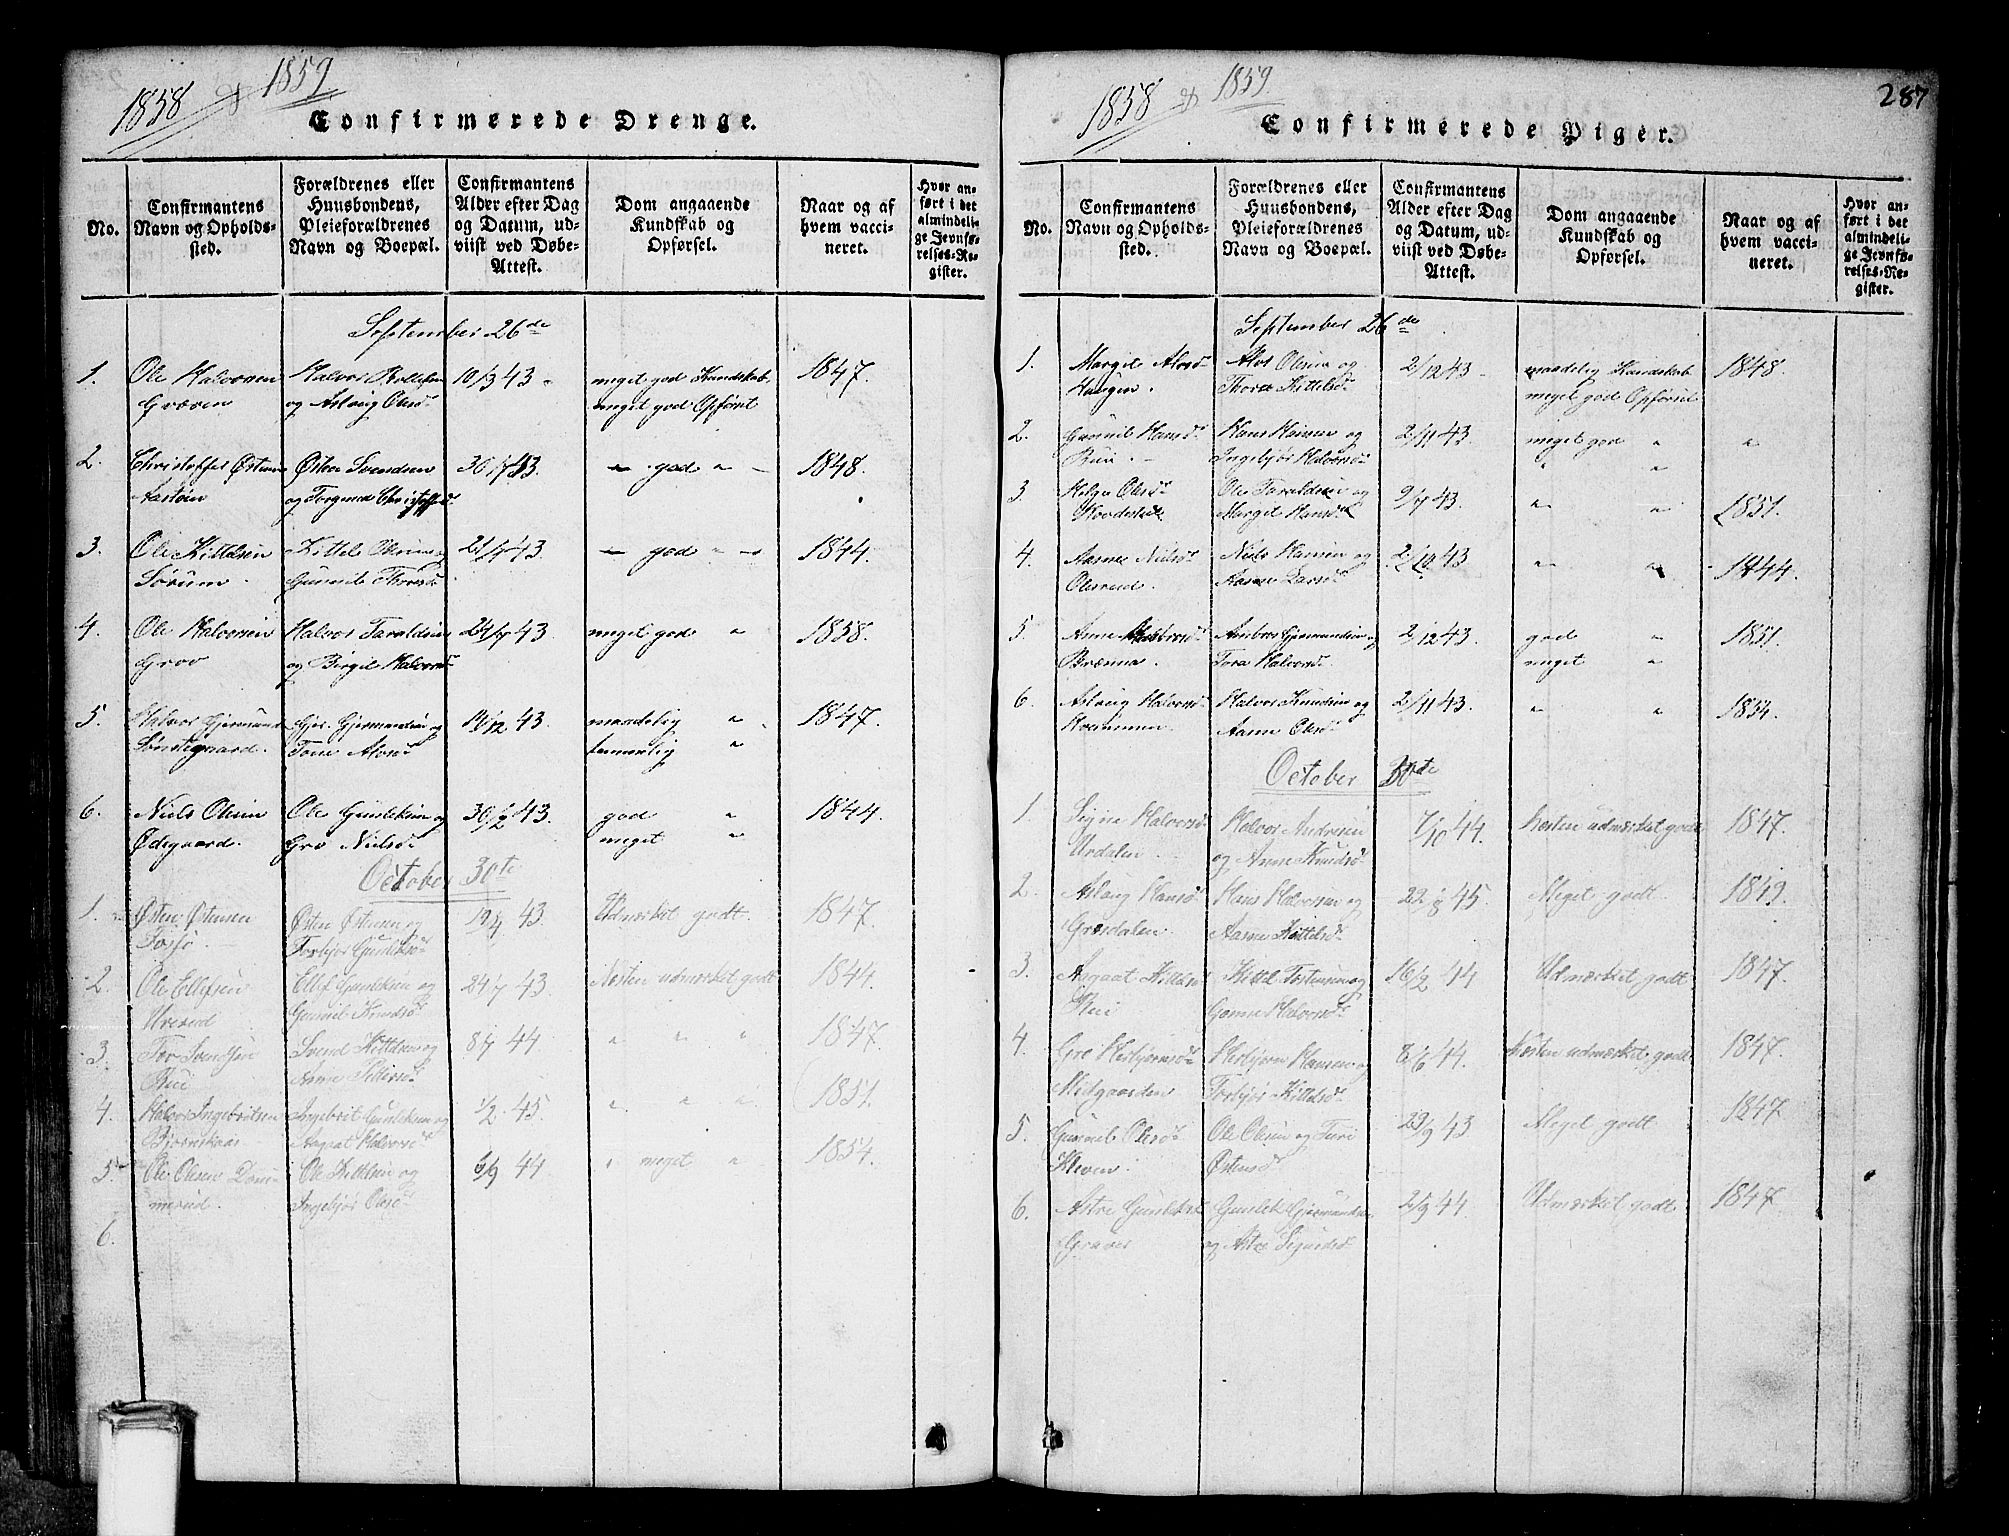 SAKO, Gransherad kirkebøker, G/Gb/L0001: Klokkerbok nr. II 1, 1815-1860, s. 287